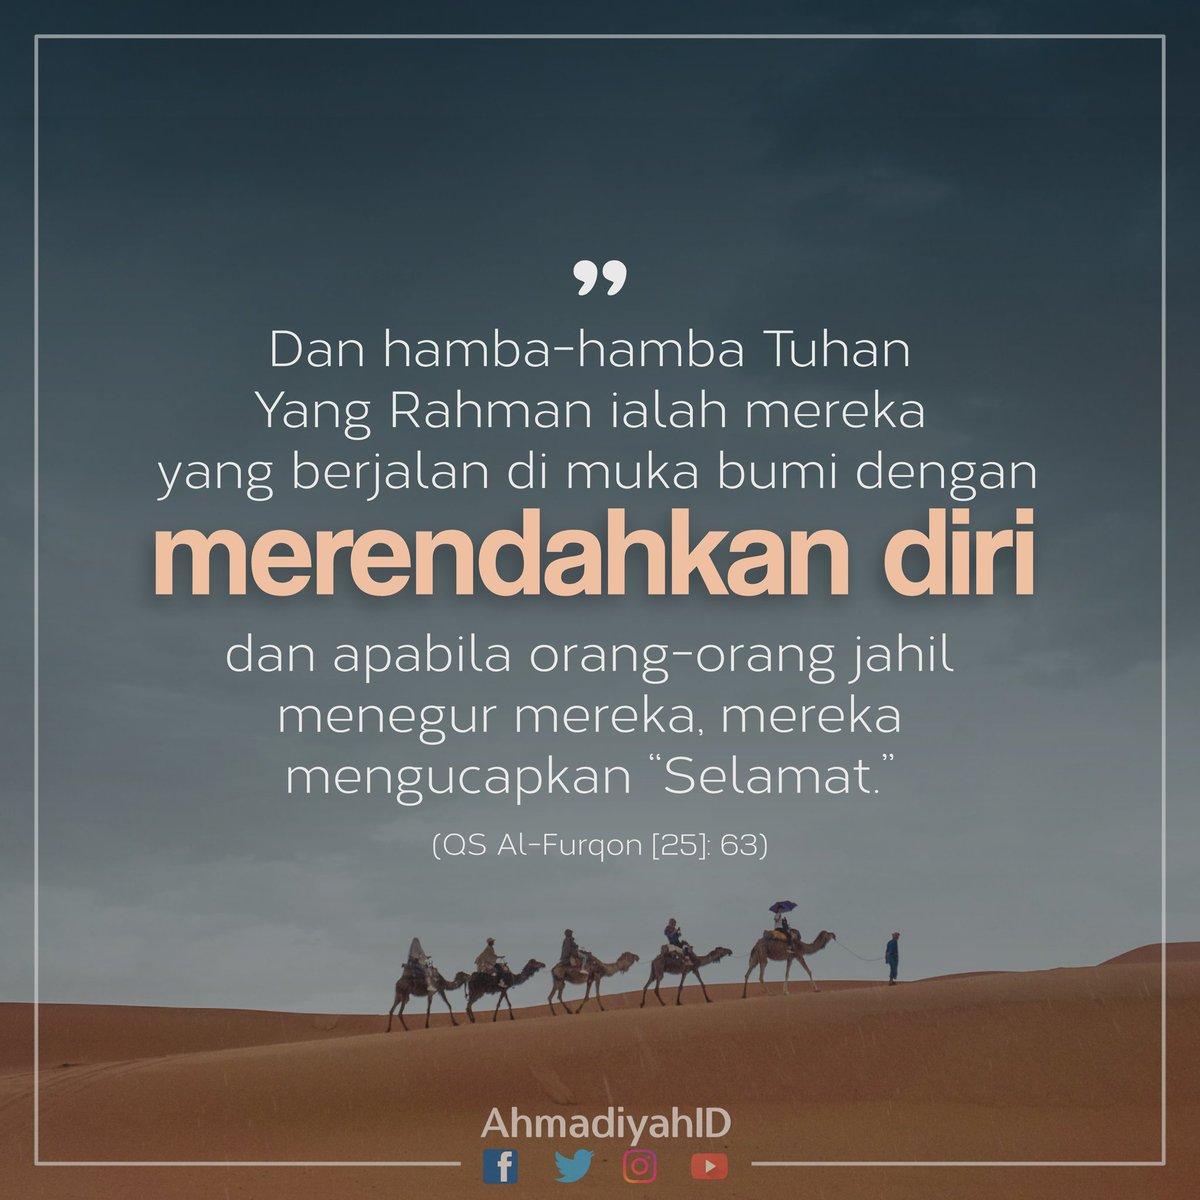 """""""Dan hamba-hamba Tuhan  Yang Rahman ialah mereka yang berjalan di muka bumi dengan merendahkan diri; dan apabila orang-oarang jahil menegur mereka, mereka mengucapkan """"Selamat.""""   (QS Al-Furqon [25]: 63)"""